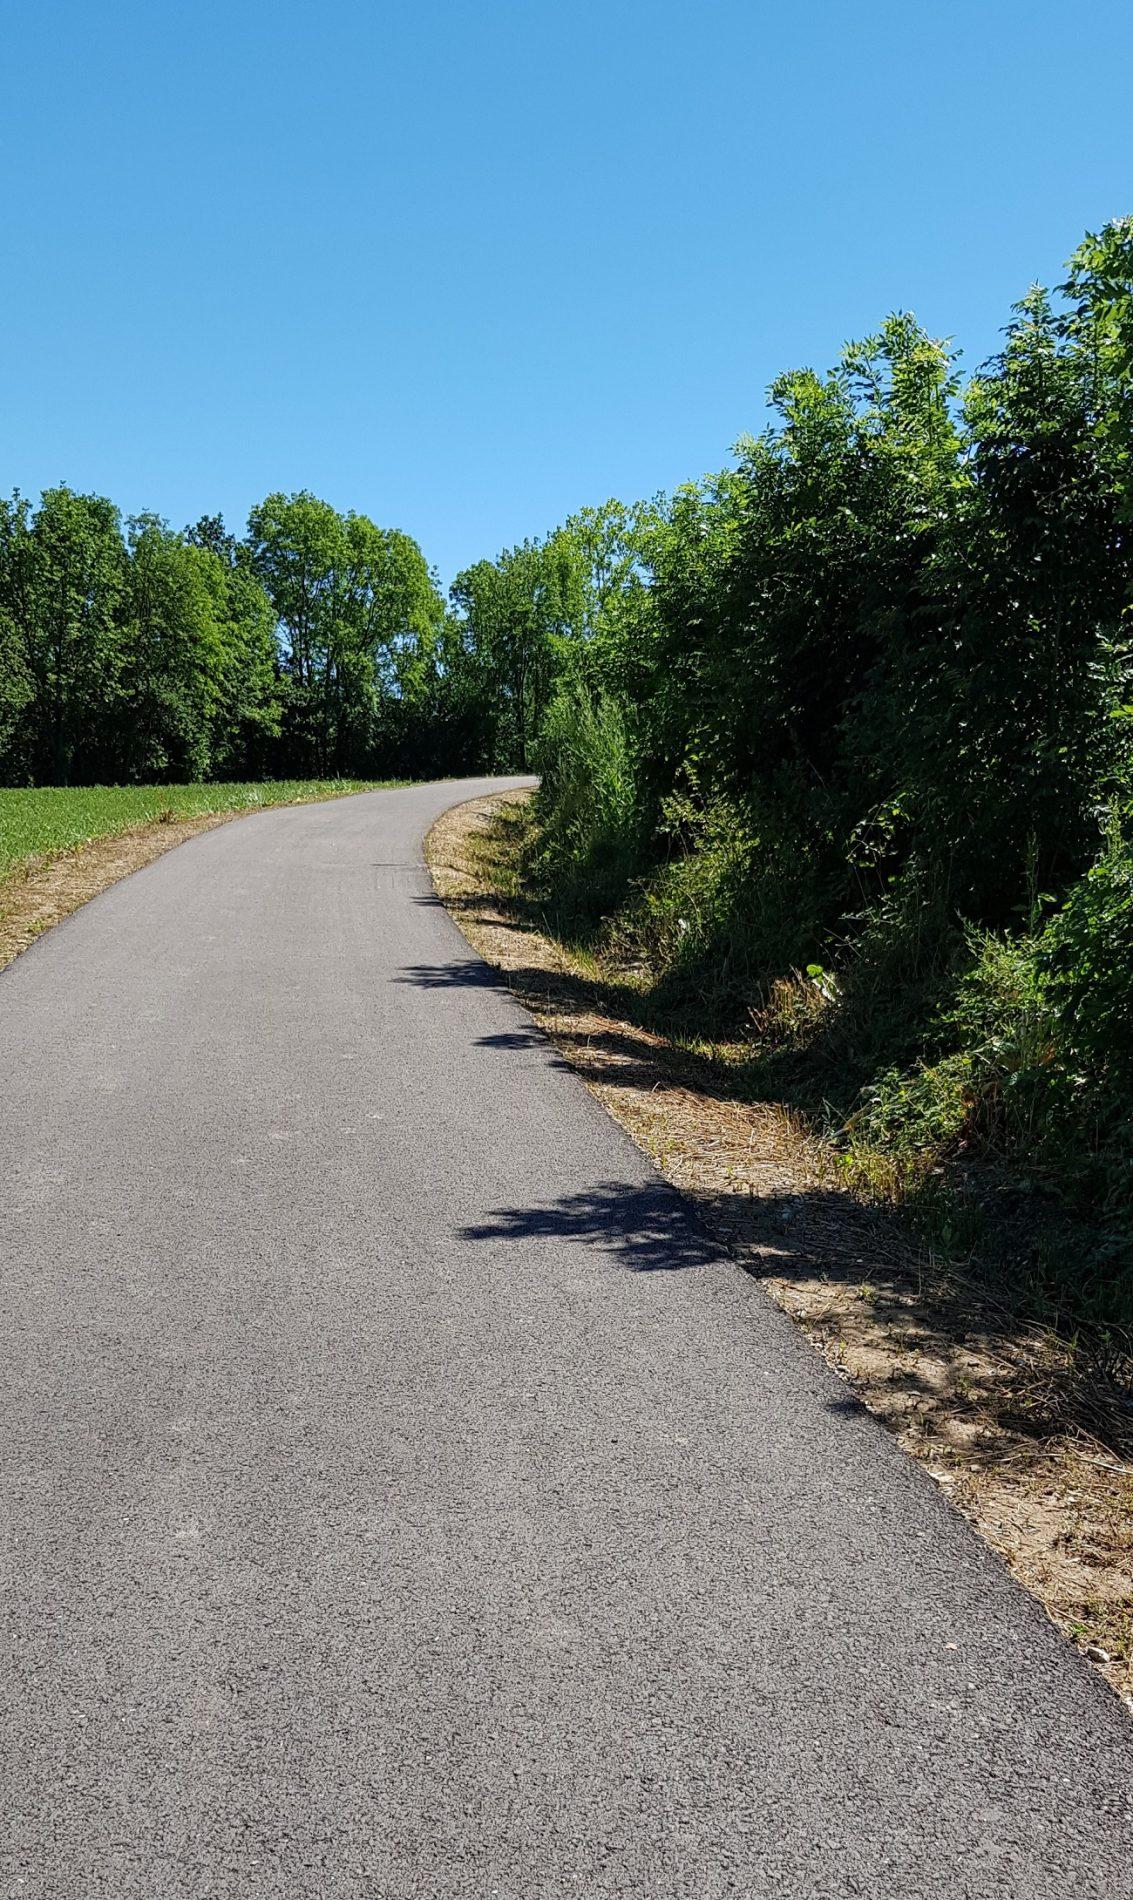 Tram de ruta de Sant Joan de les Abadesses a la Colònia Llaudet. Vista general i entorn verd.